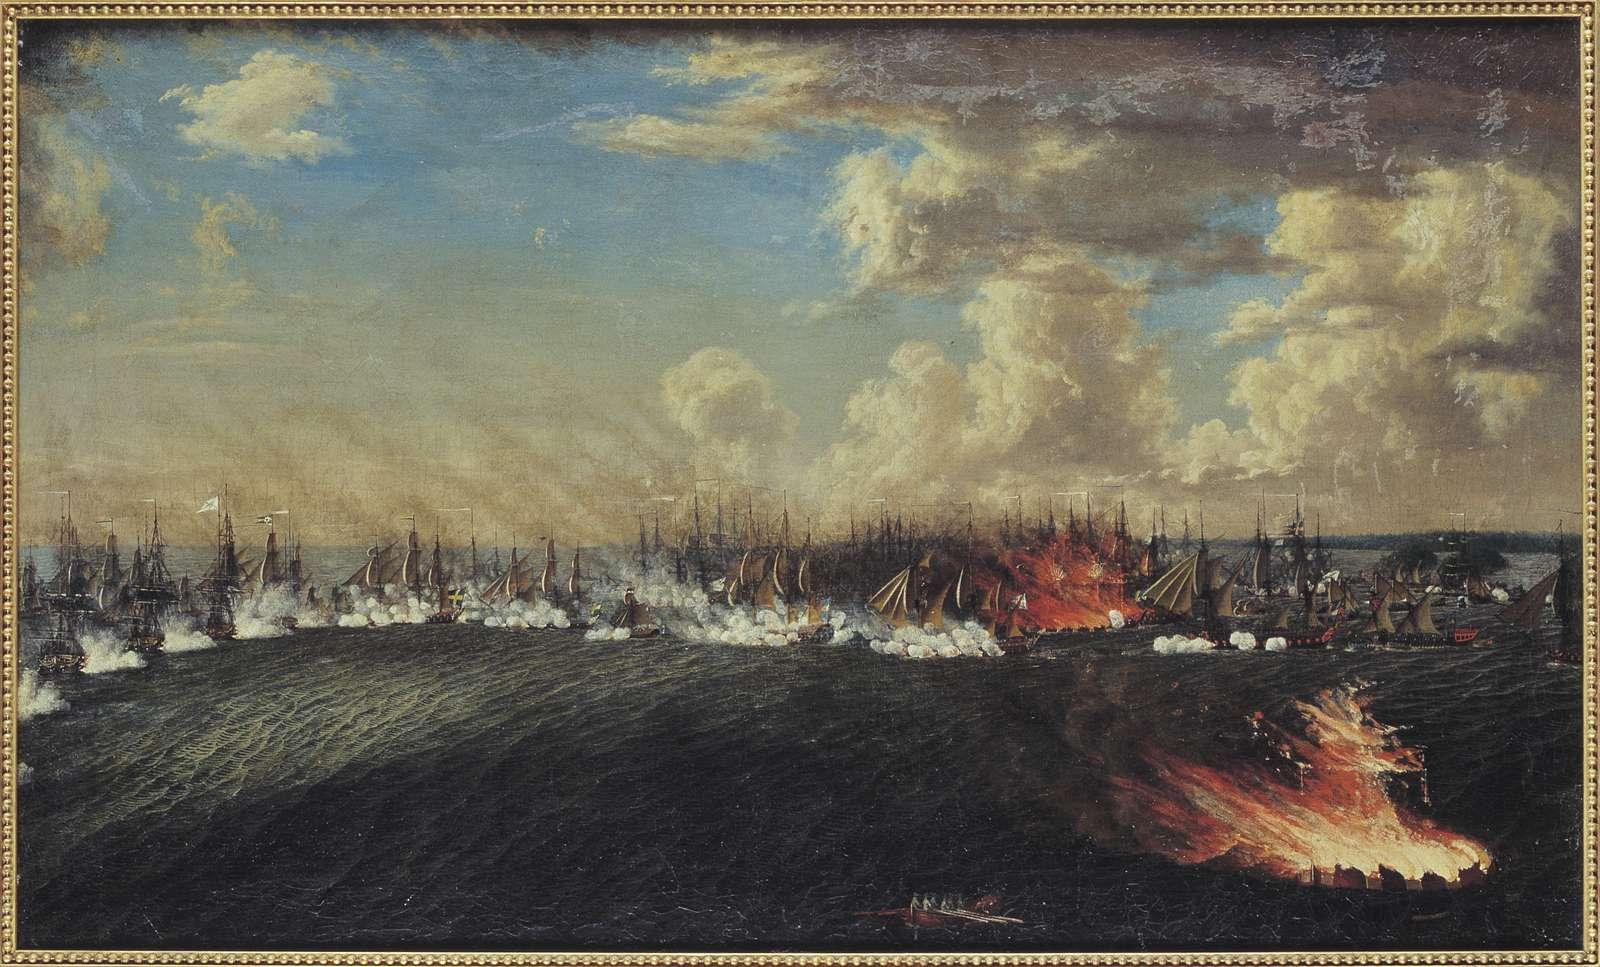 """[plakett i ramens n kant:] """"J. T. Schoultz 1754 - 1800-talets början Retraiten från Wiborg den 3 Julii 1790"""""""